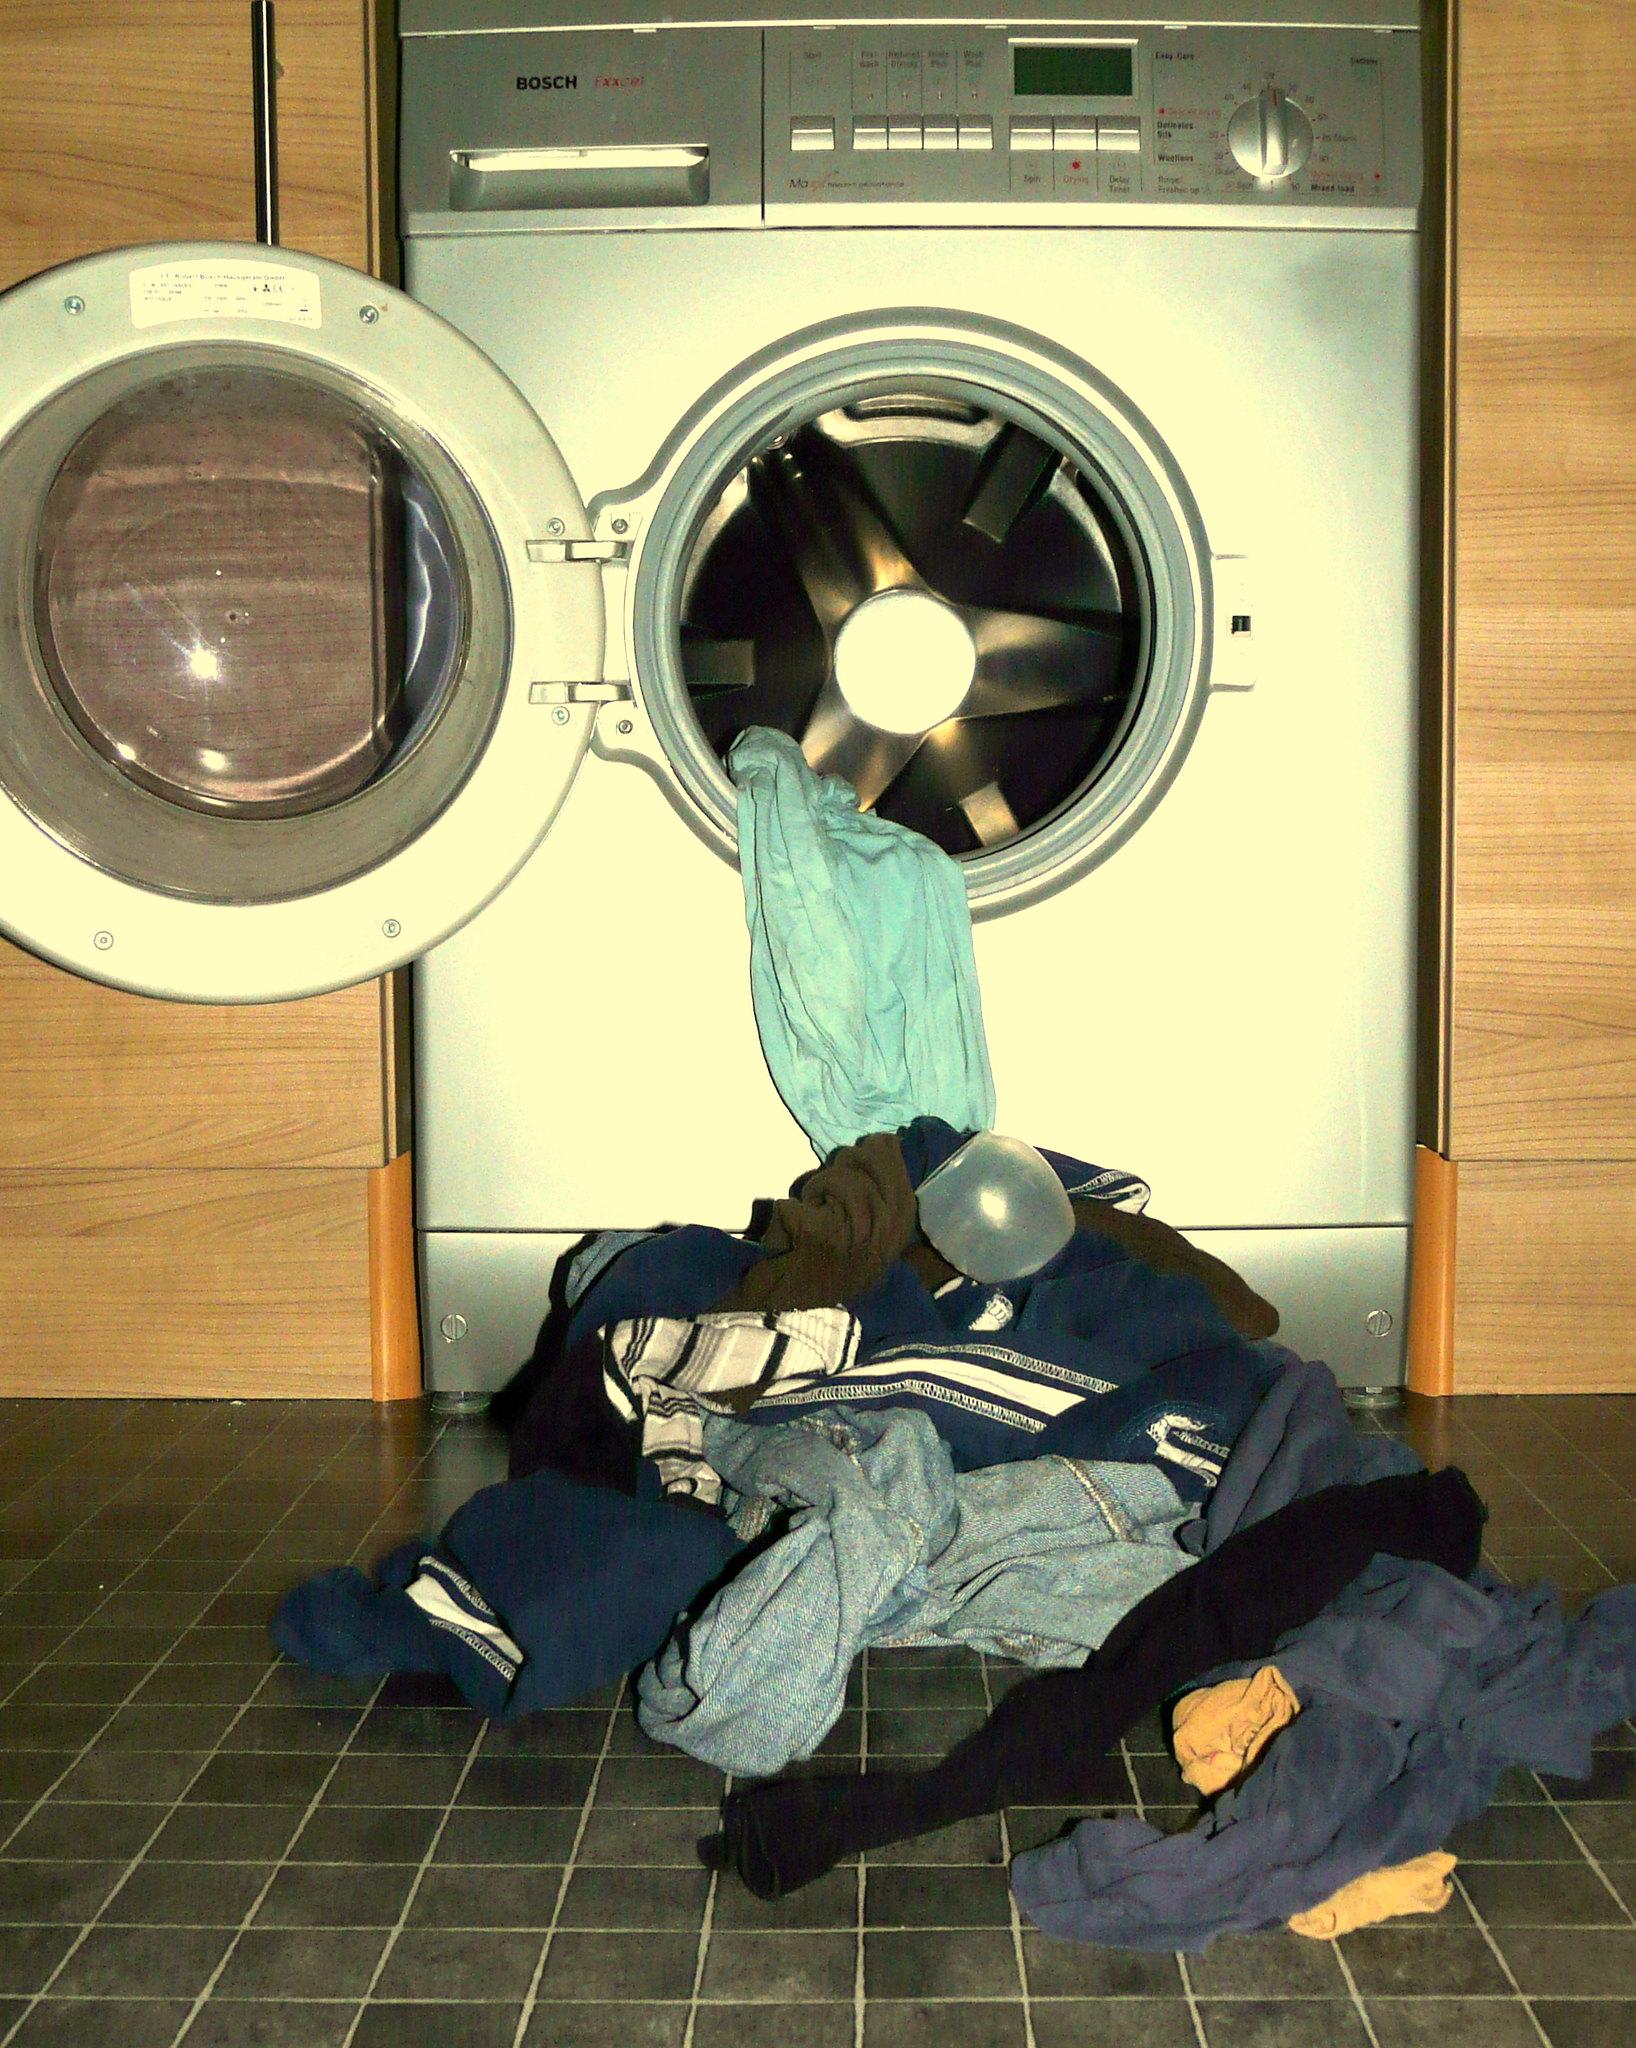 Стиральная машинка загруженная бельём